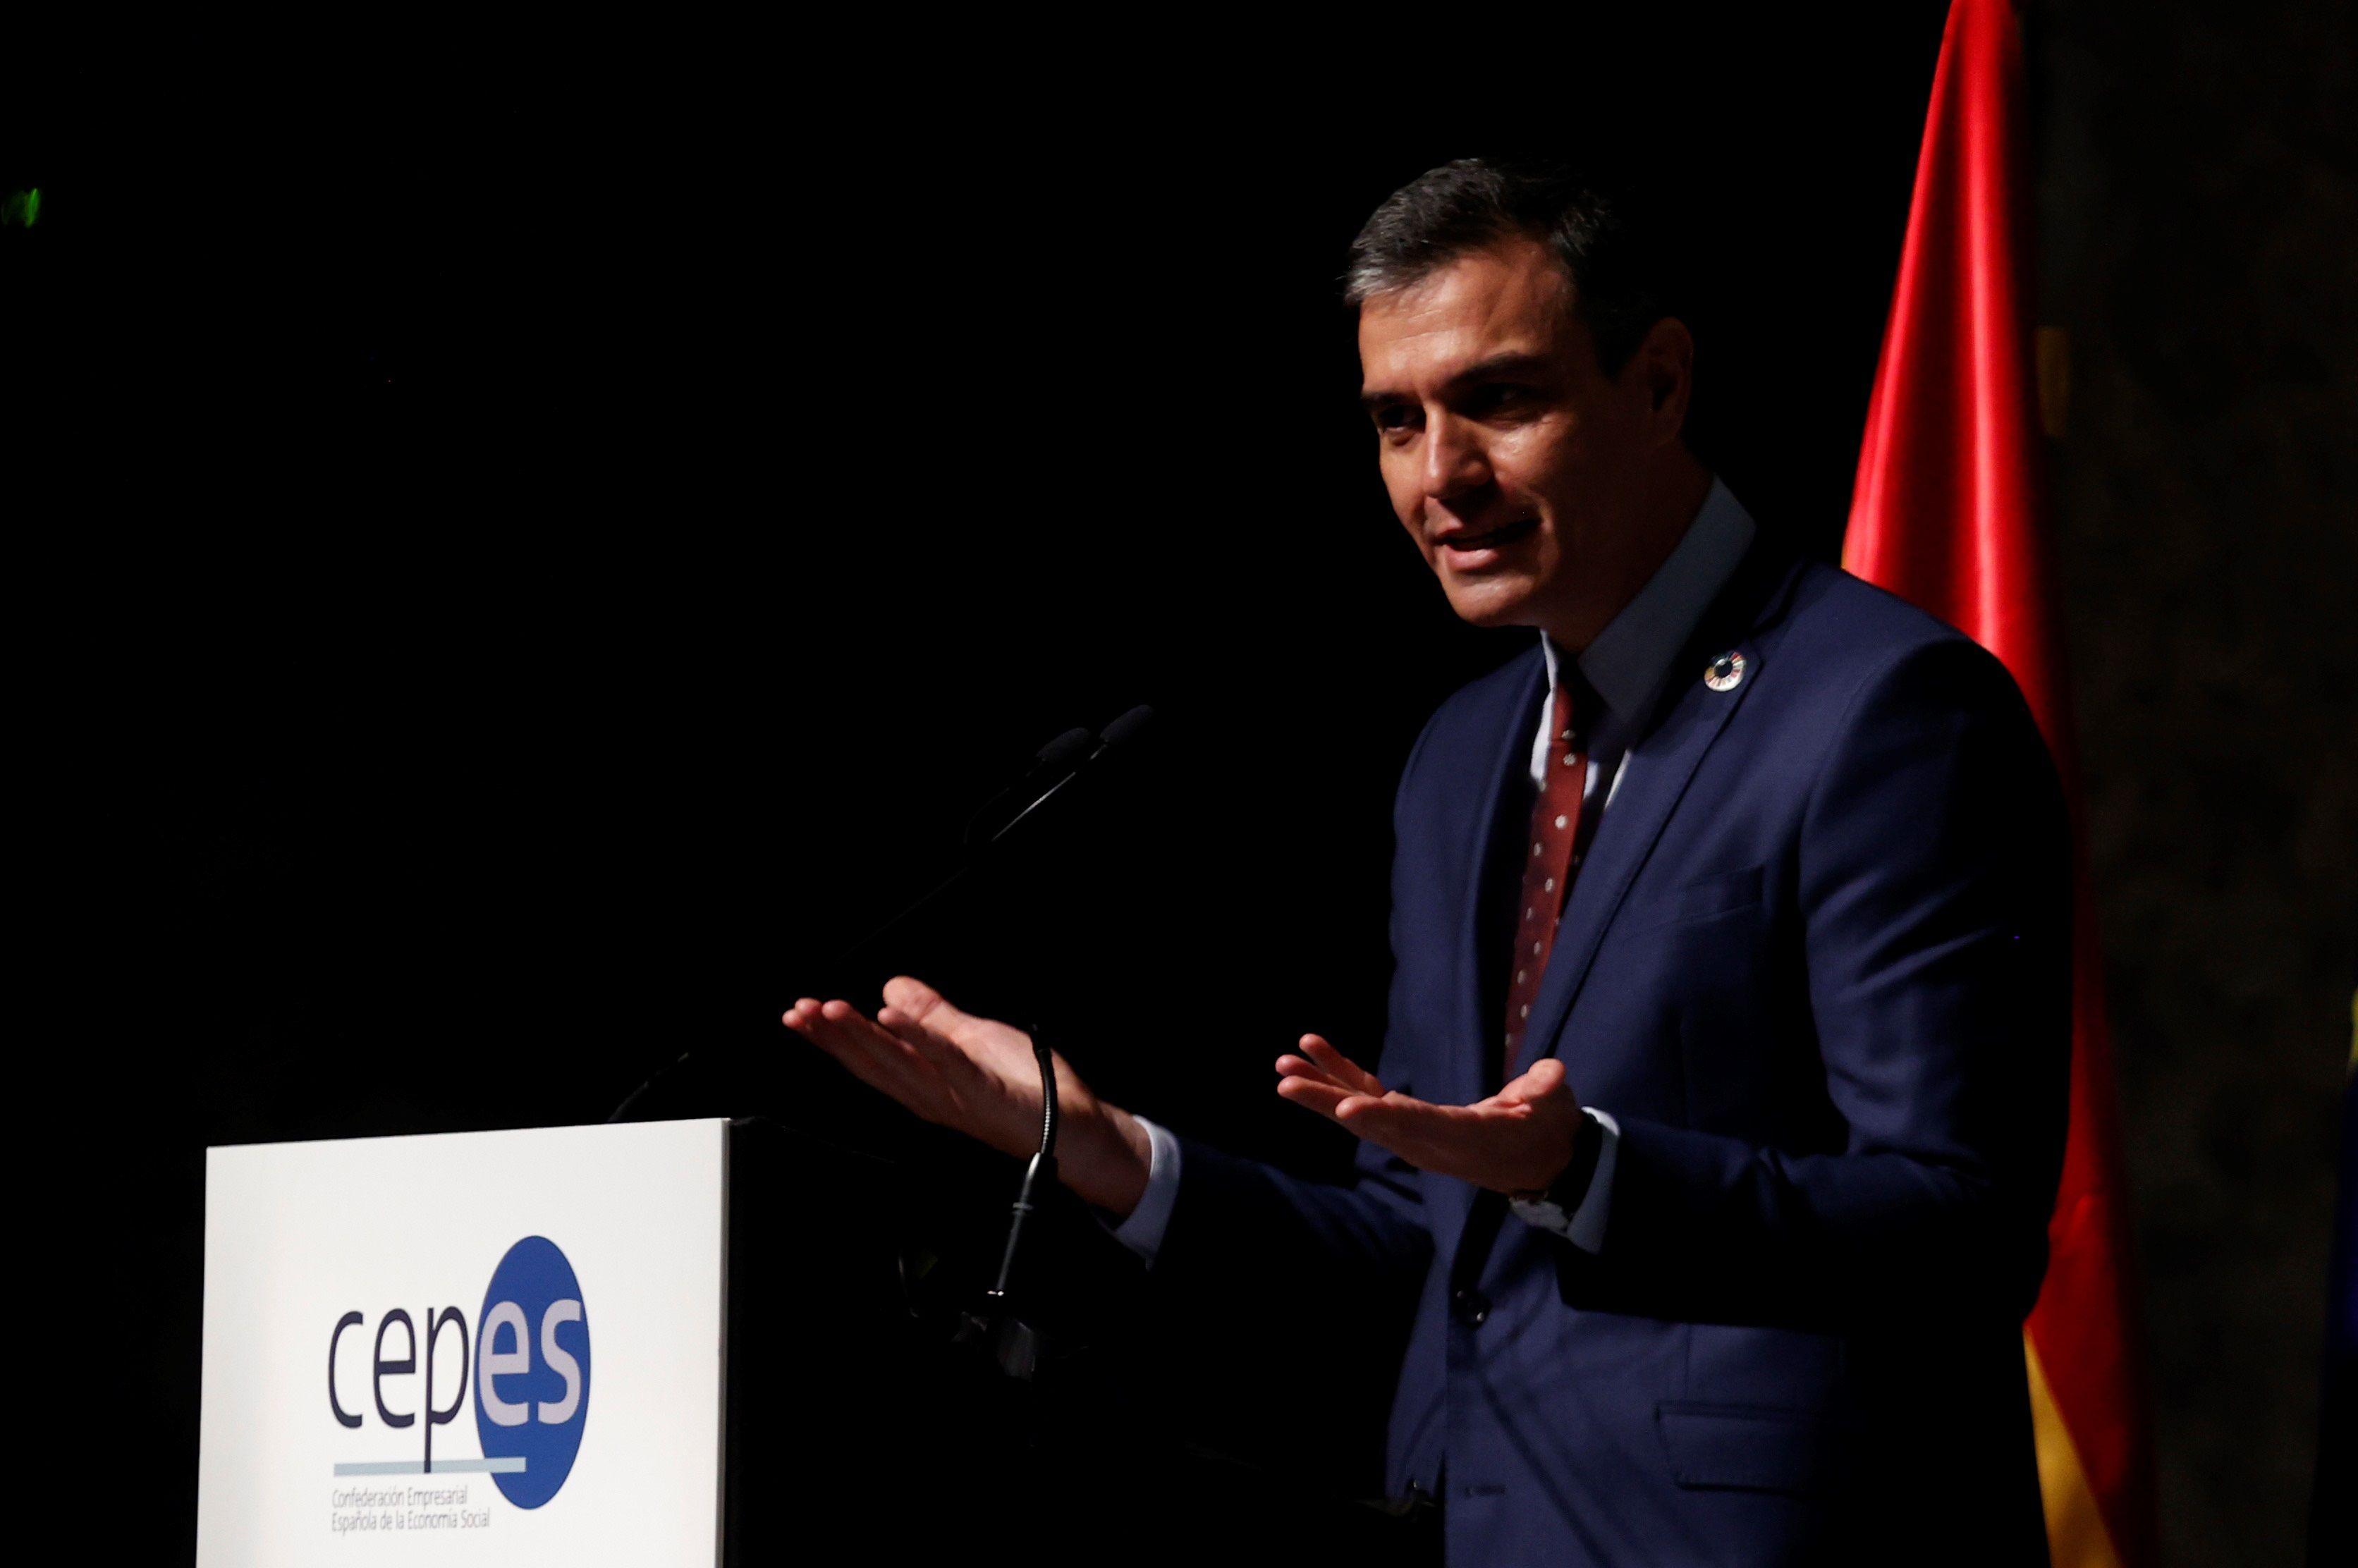 Pedro S